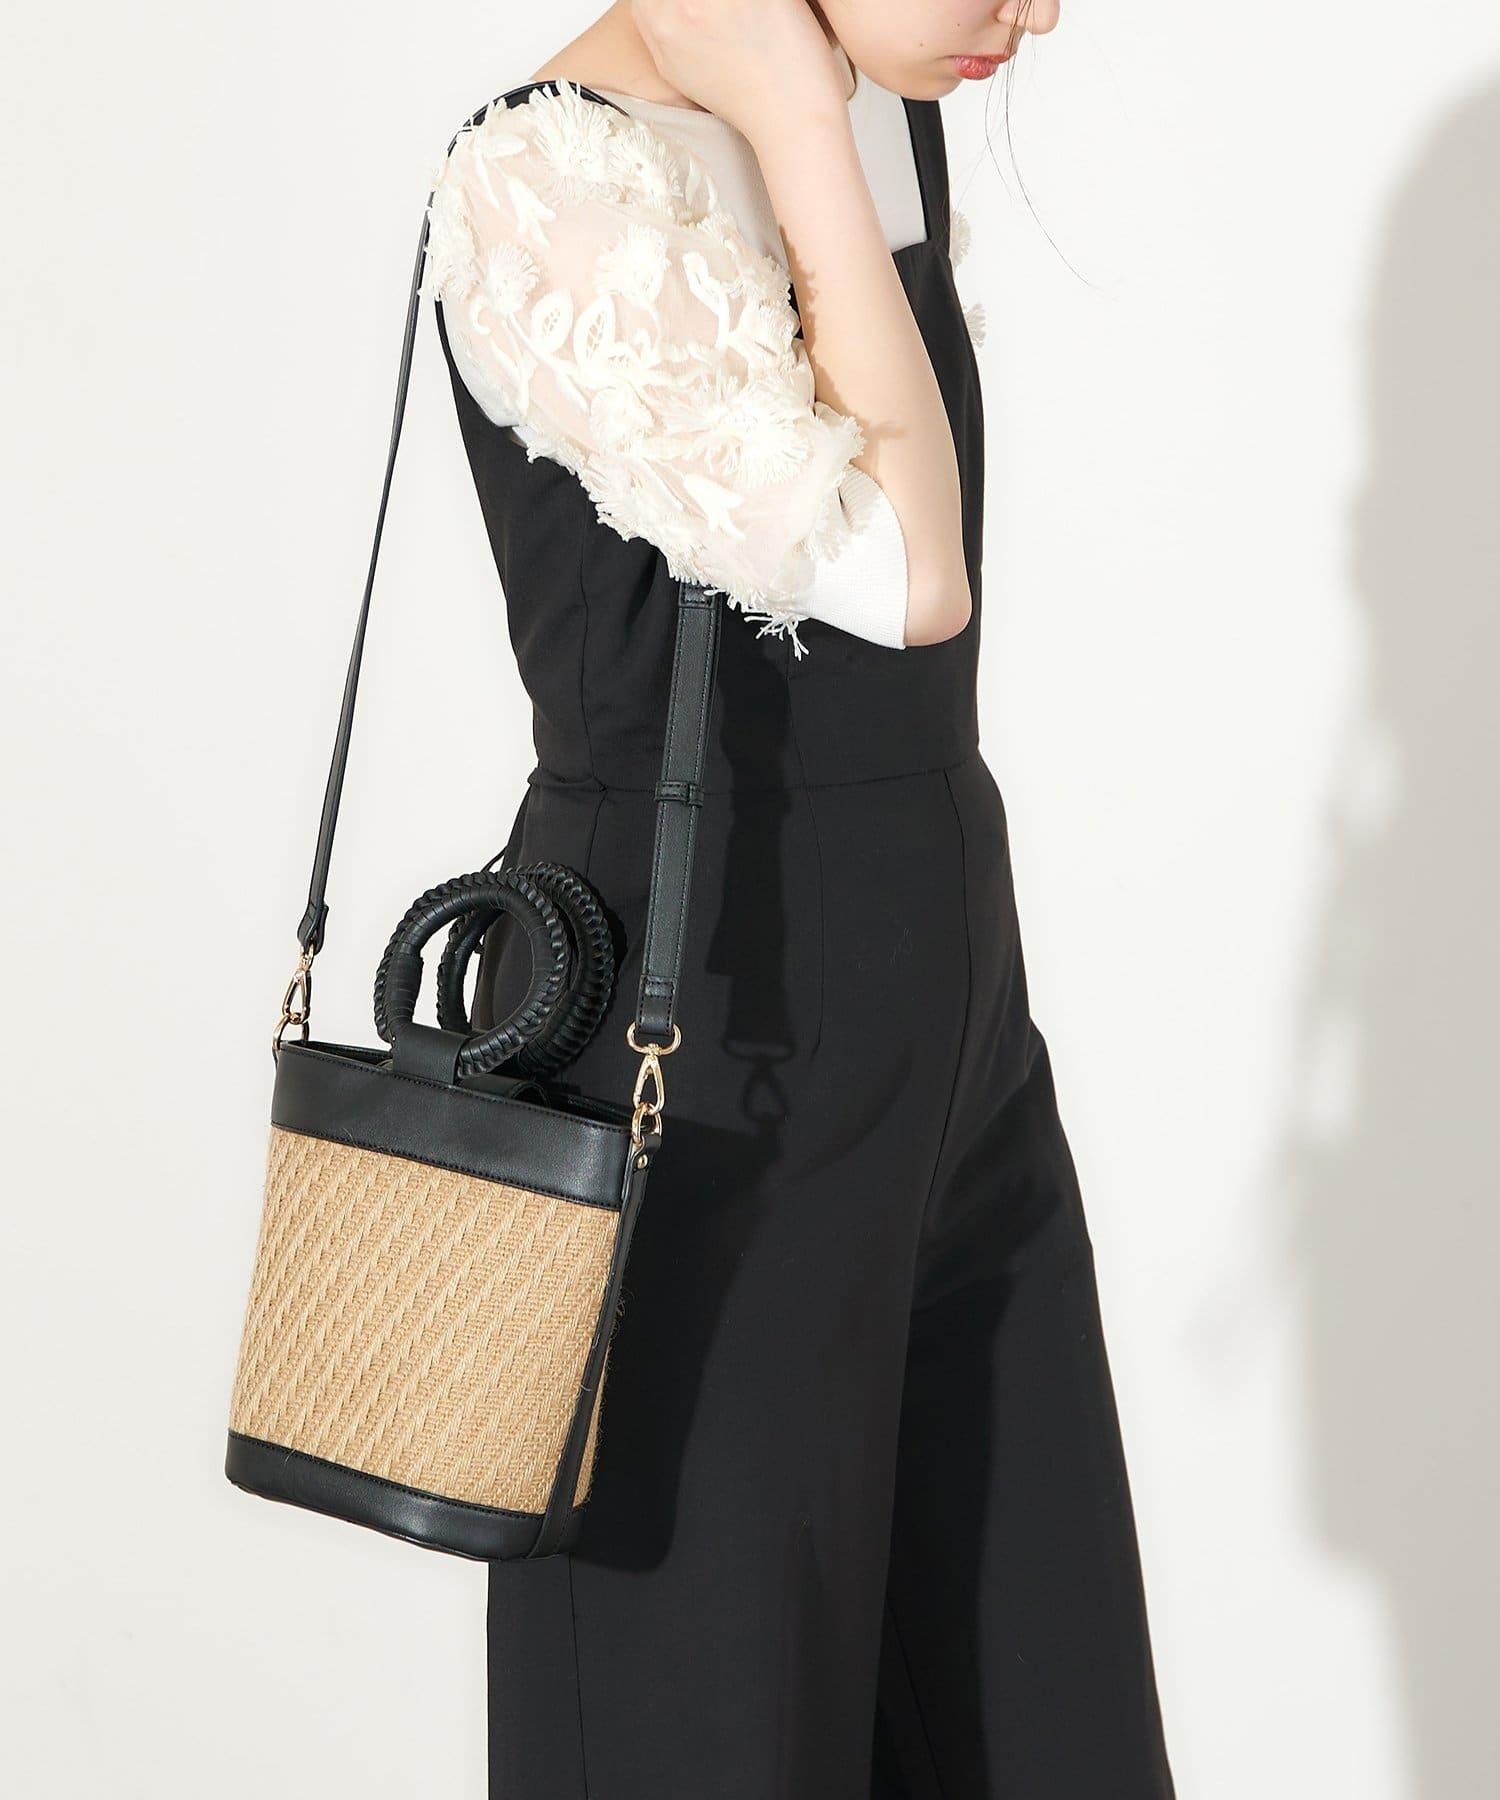 natural couture(ナチュラルクチュール) かがりハンドルバケツバッグ